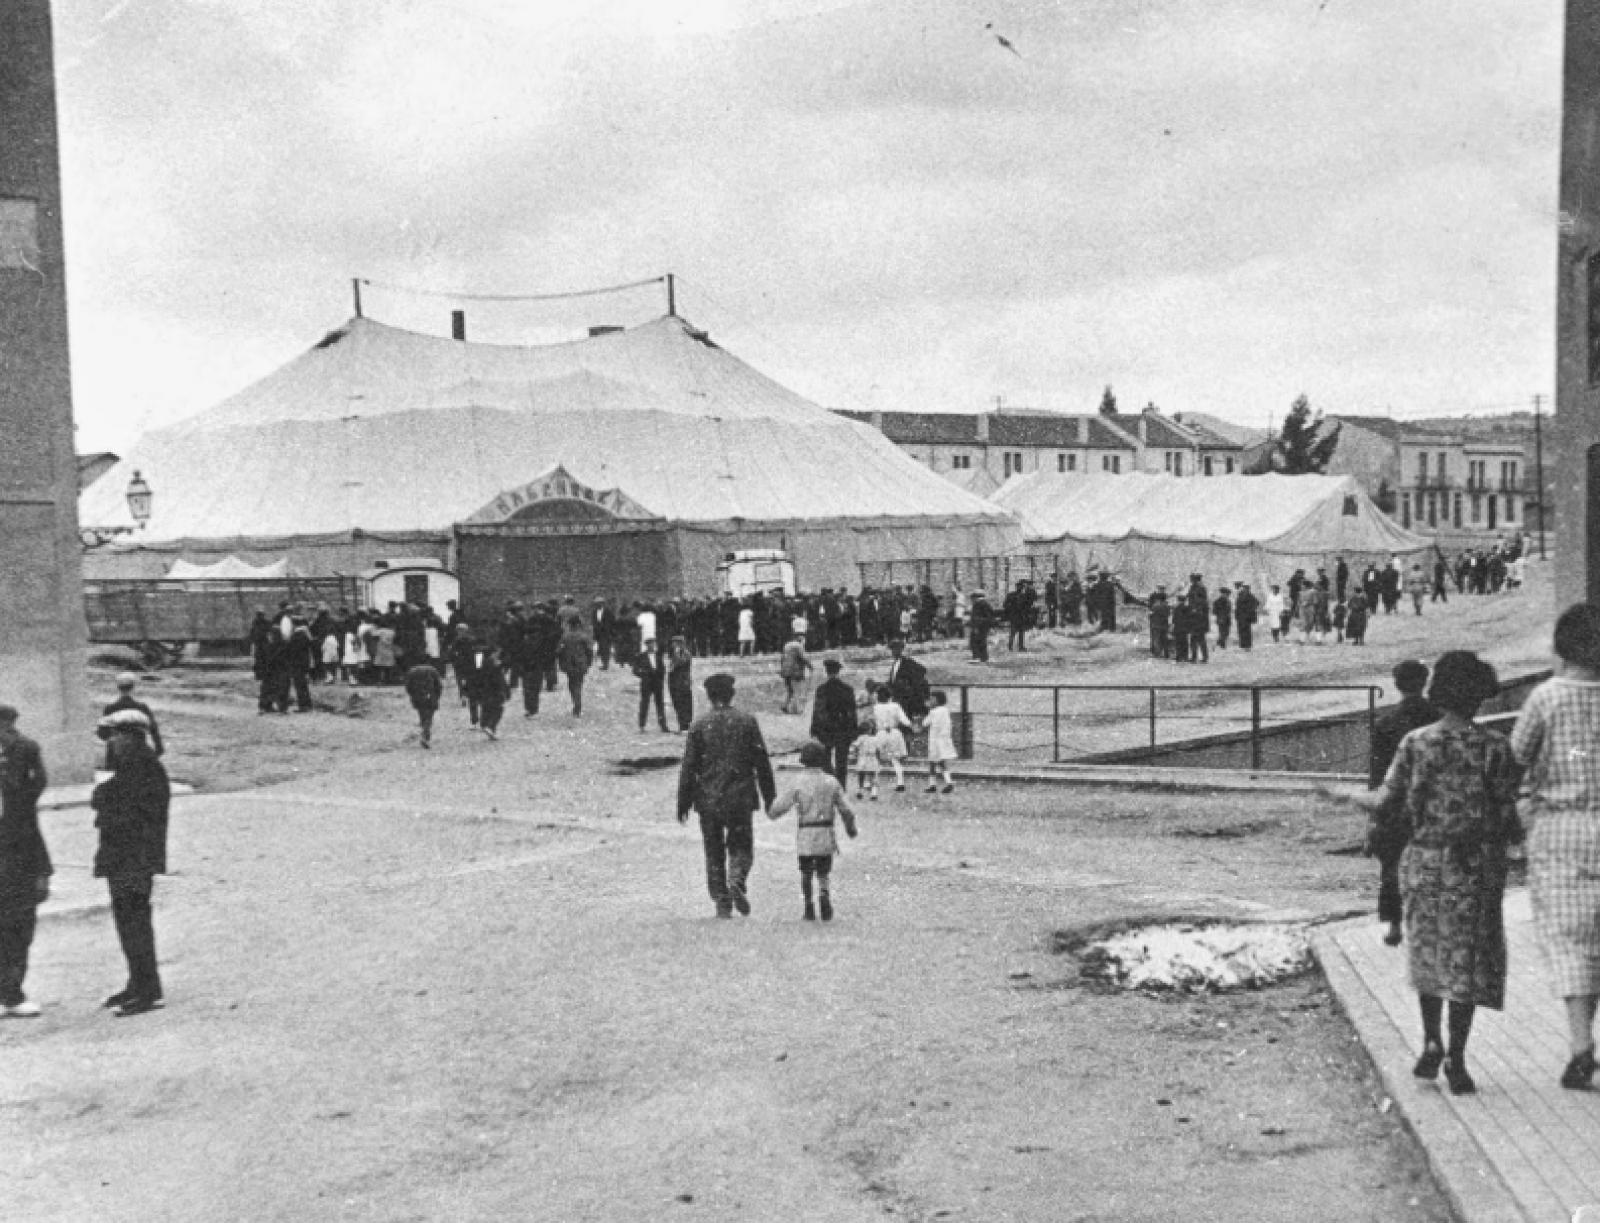 El circ Hagenbeck 1924